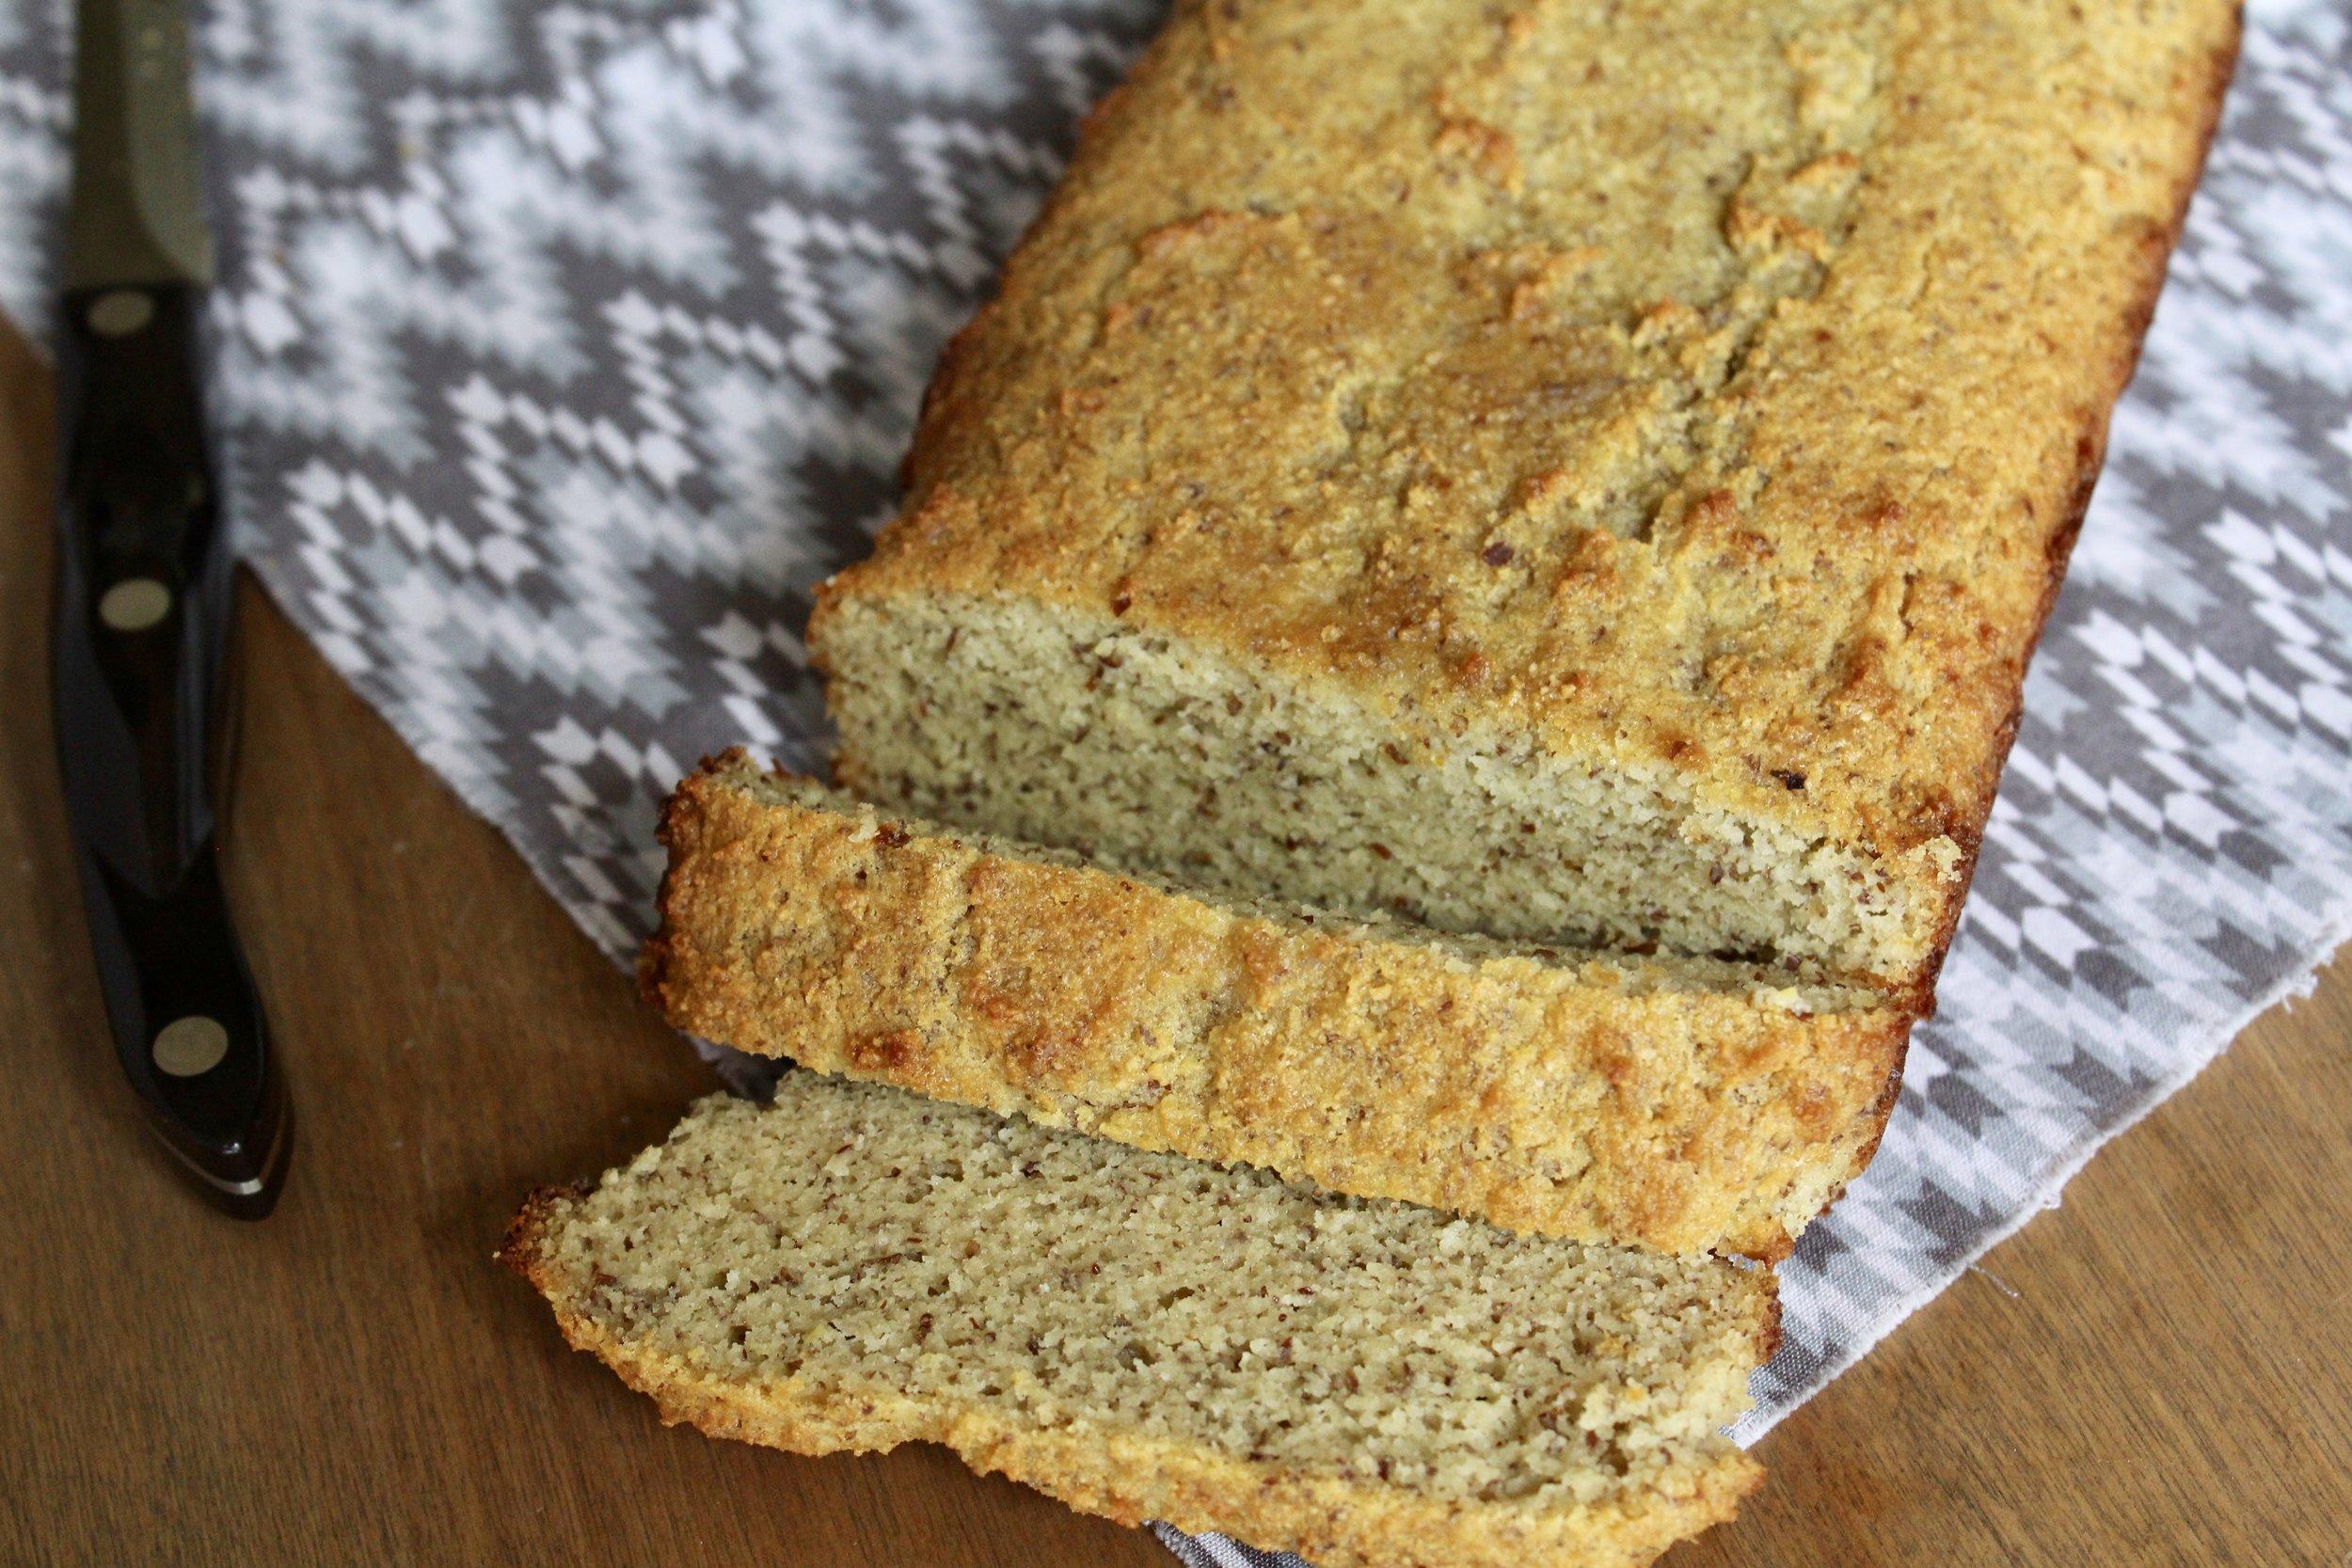 GLUTEN/DAIRY-FREE BREAD